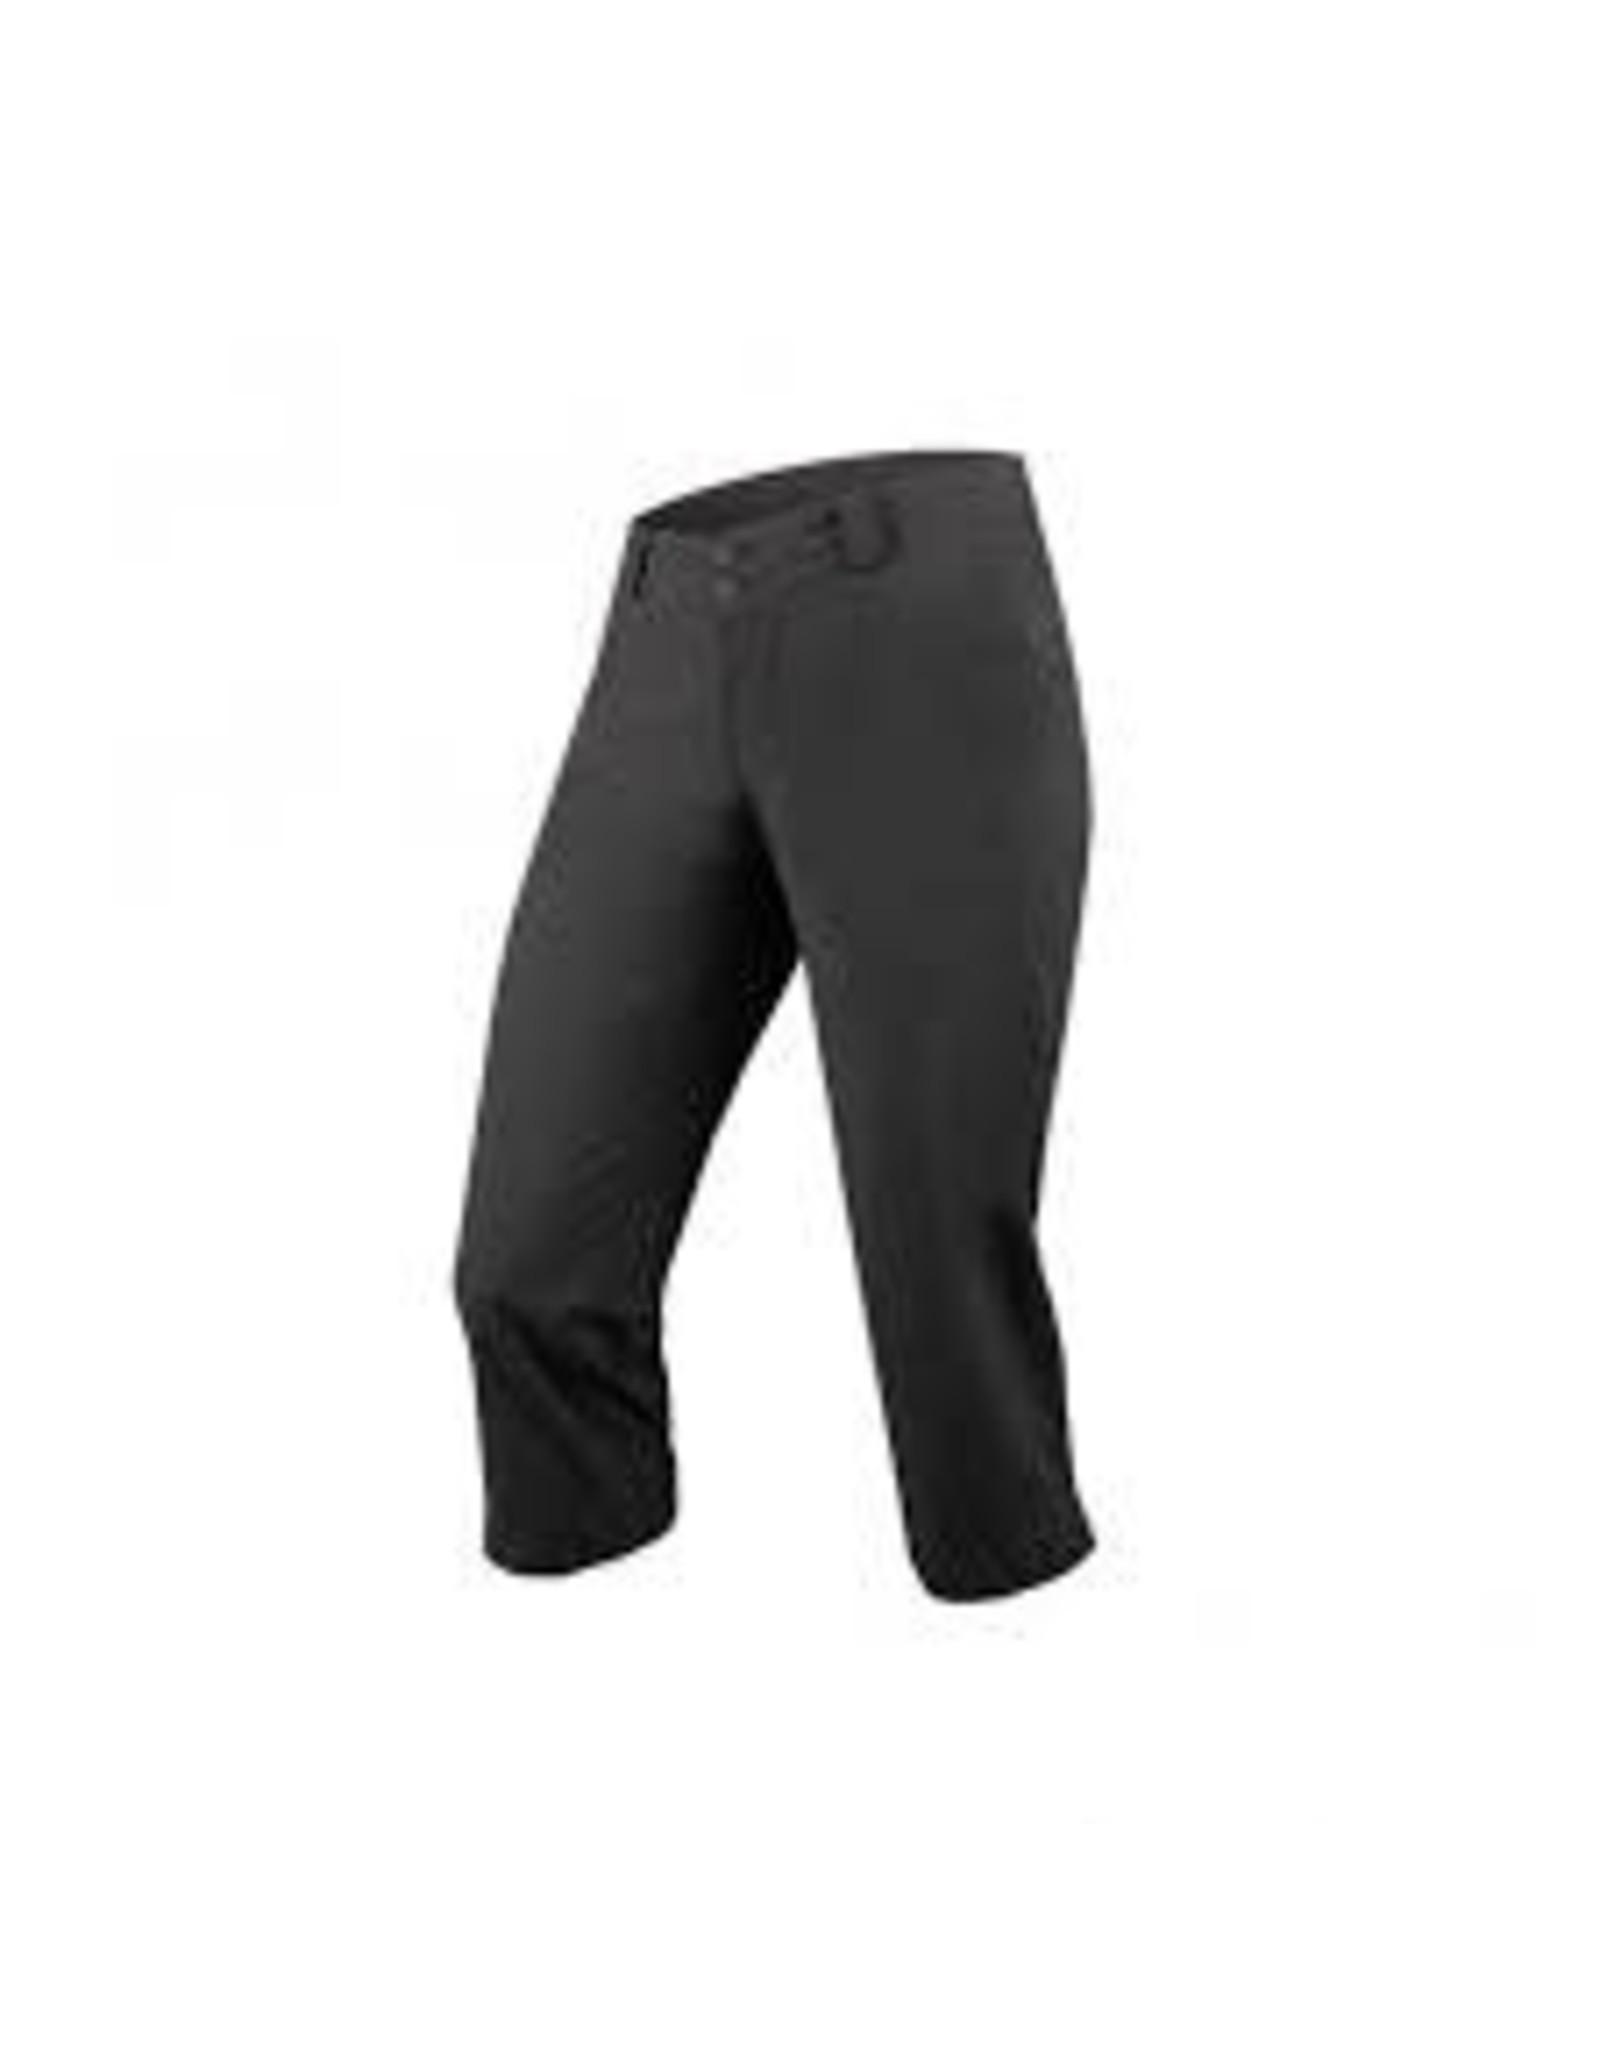 Endura Endura - Womens Trekkit 3/4 Shorts - XS